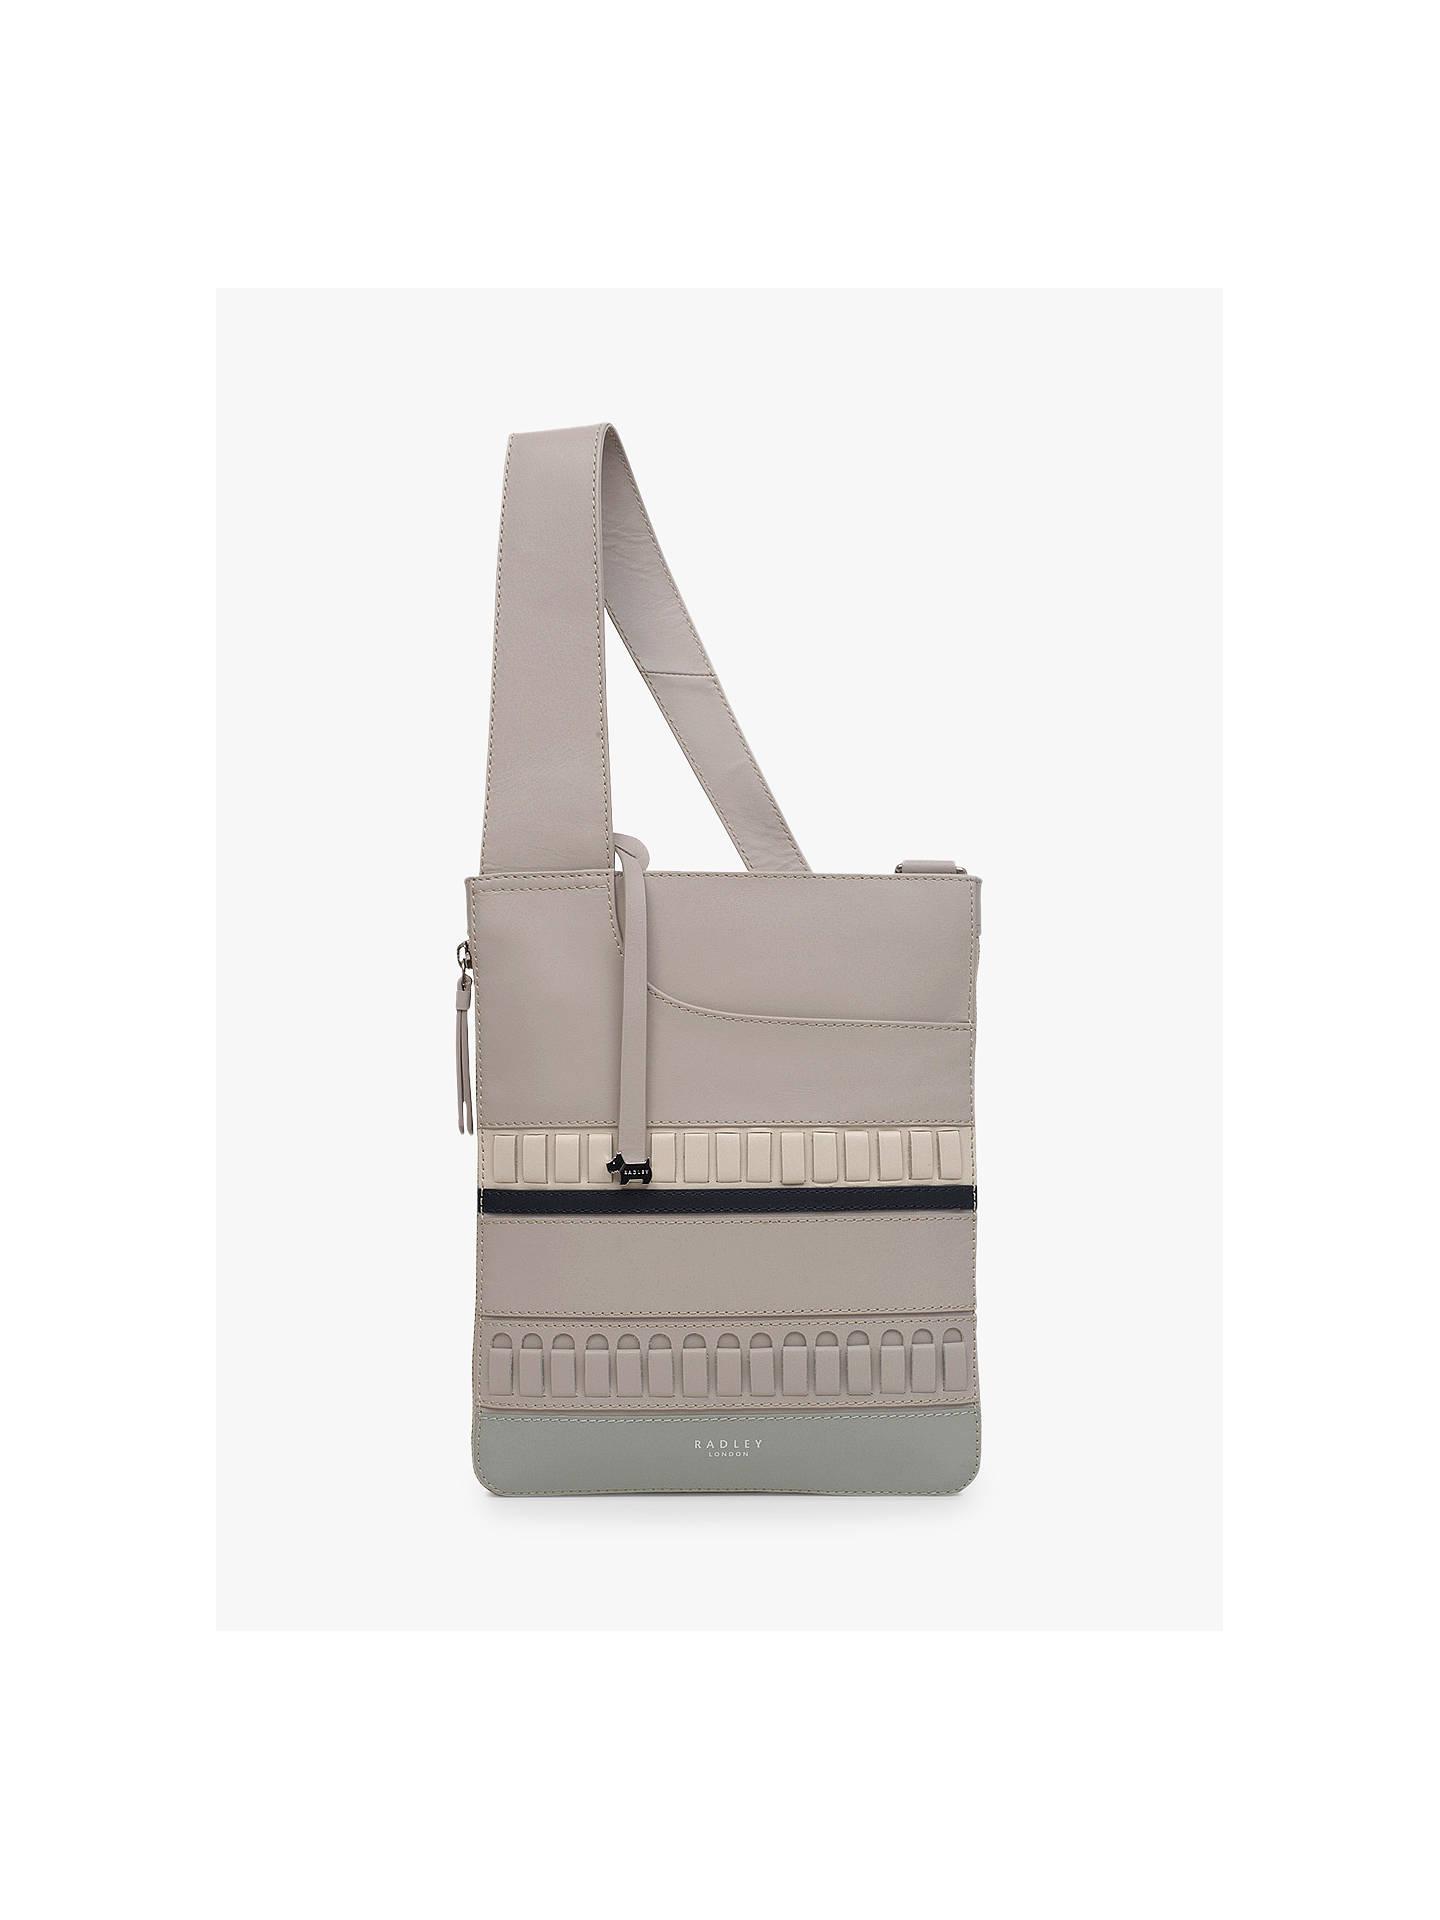 29d1af2ce4ab Buy Radley Pockets Leather Medium Zip Top Cross Body Bag, Dove Grey Online  at johnlewis